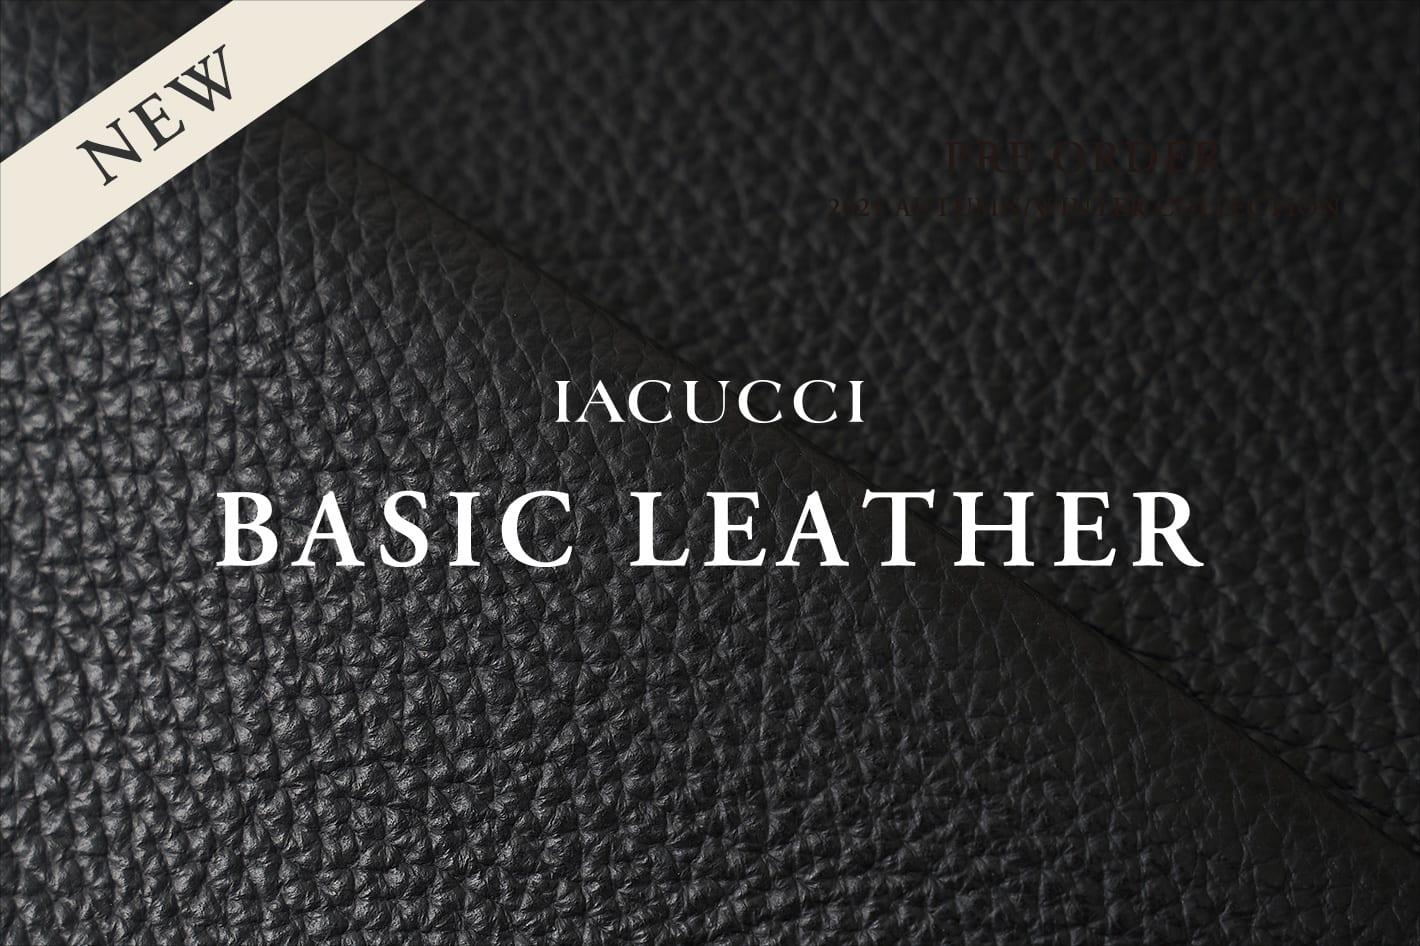 IACUCCI IACUCCI BESIC LEATHER -Vol.03 ALCE-